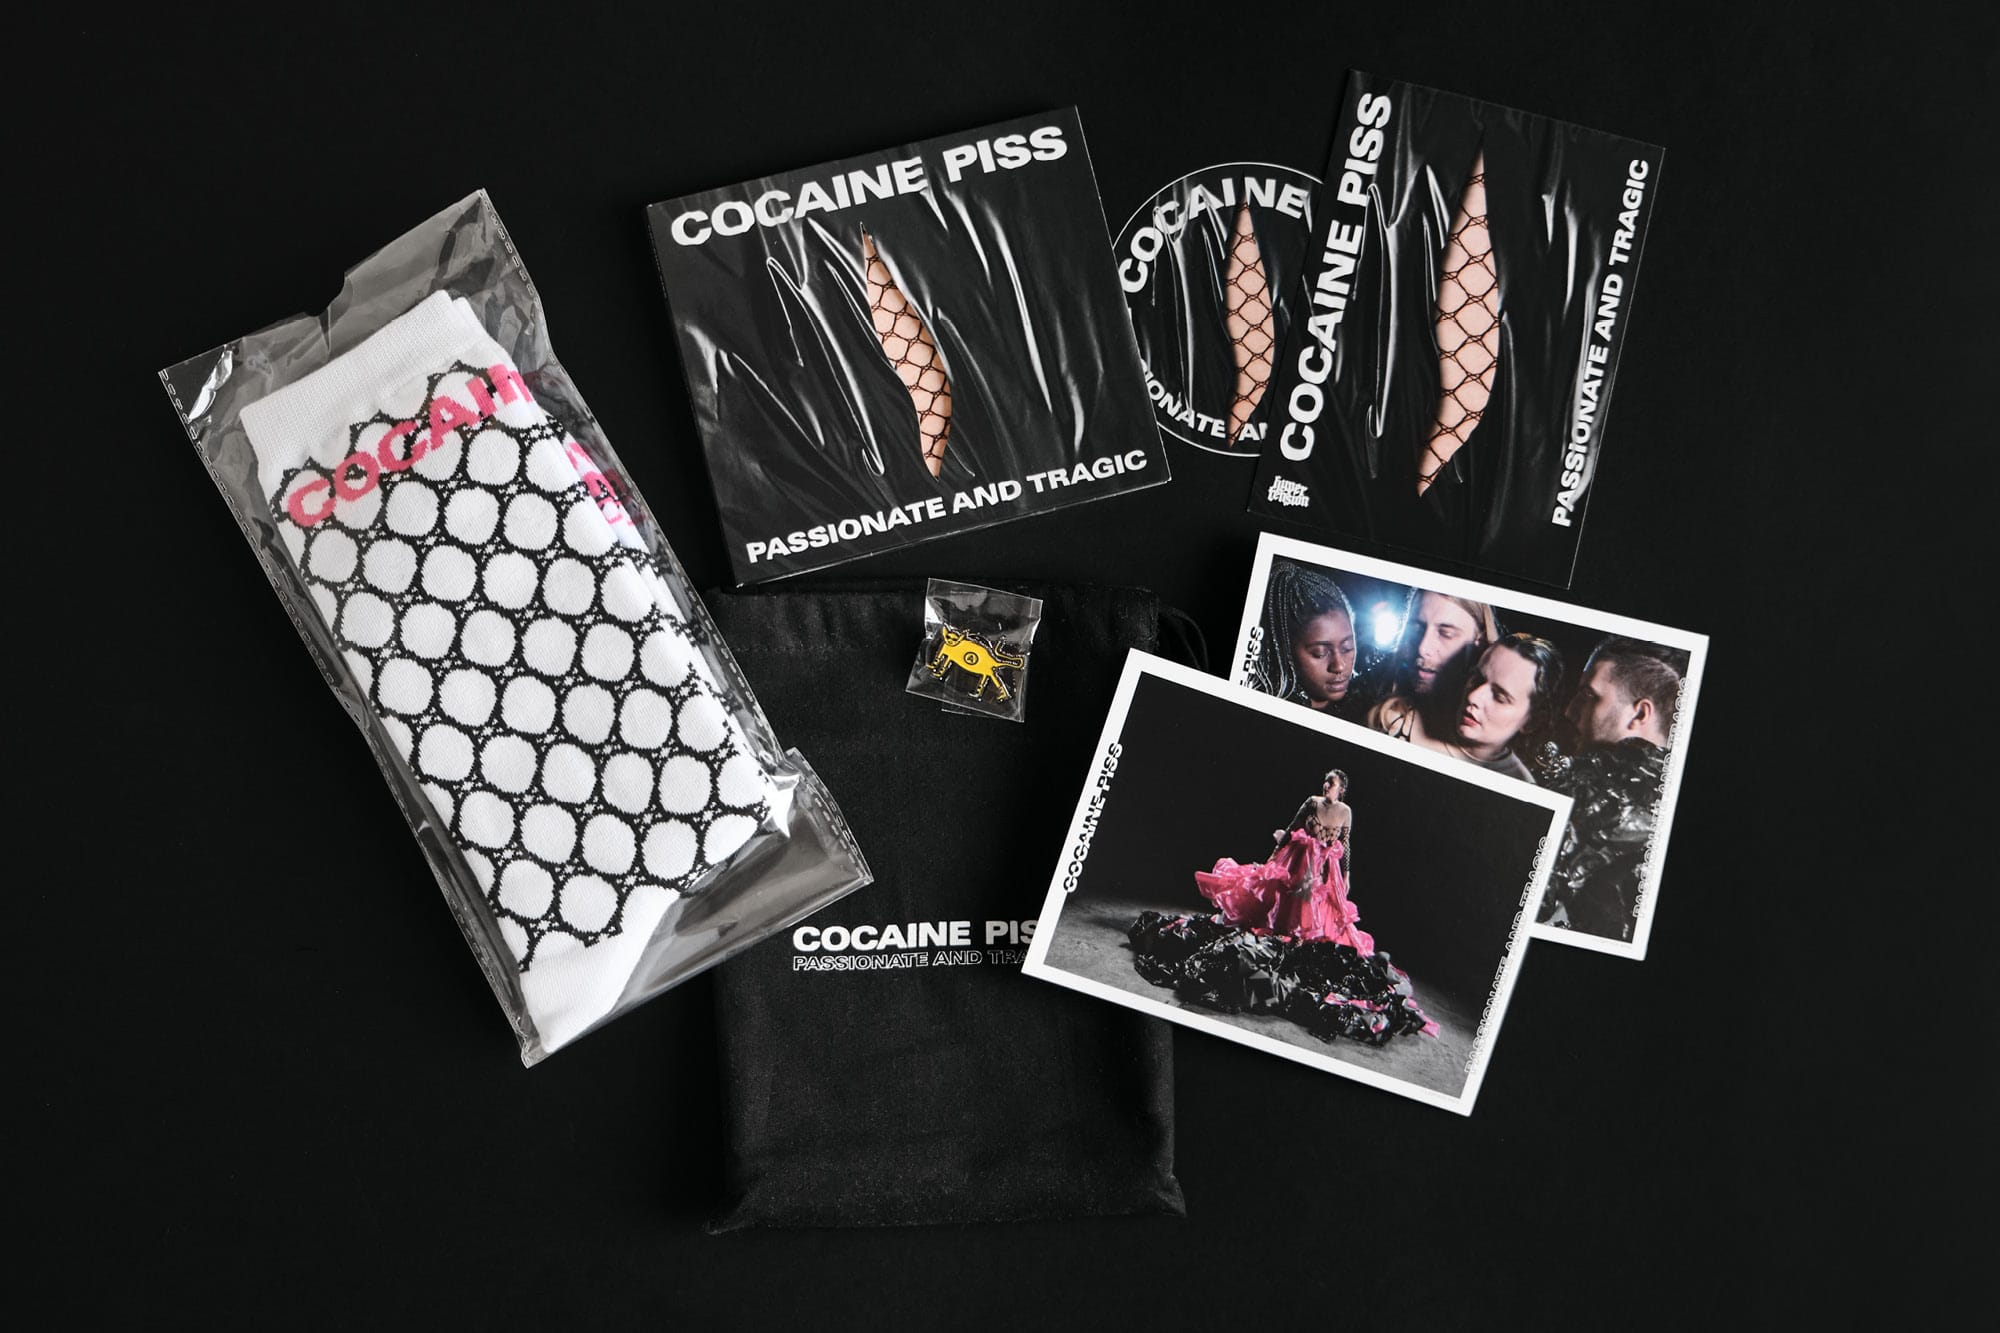 cocaine piss-PAT-bag content